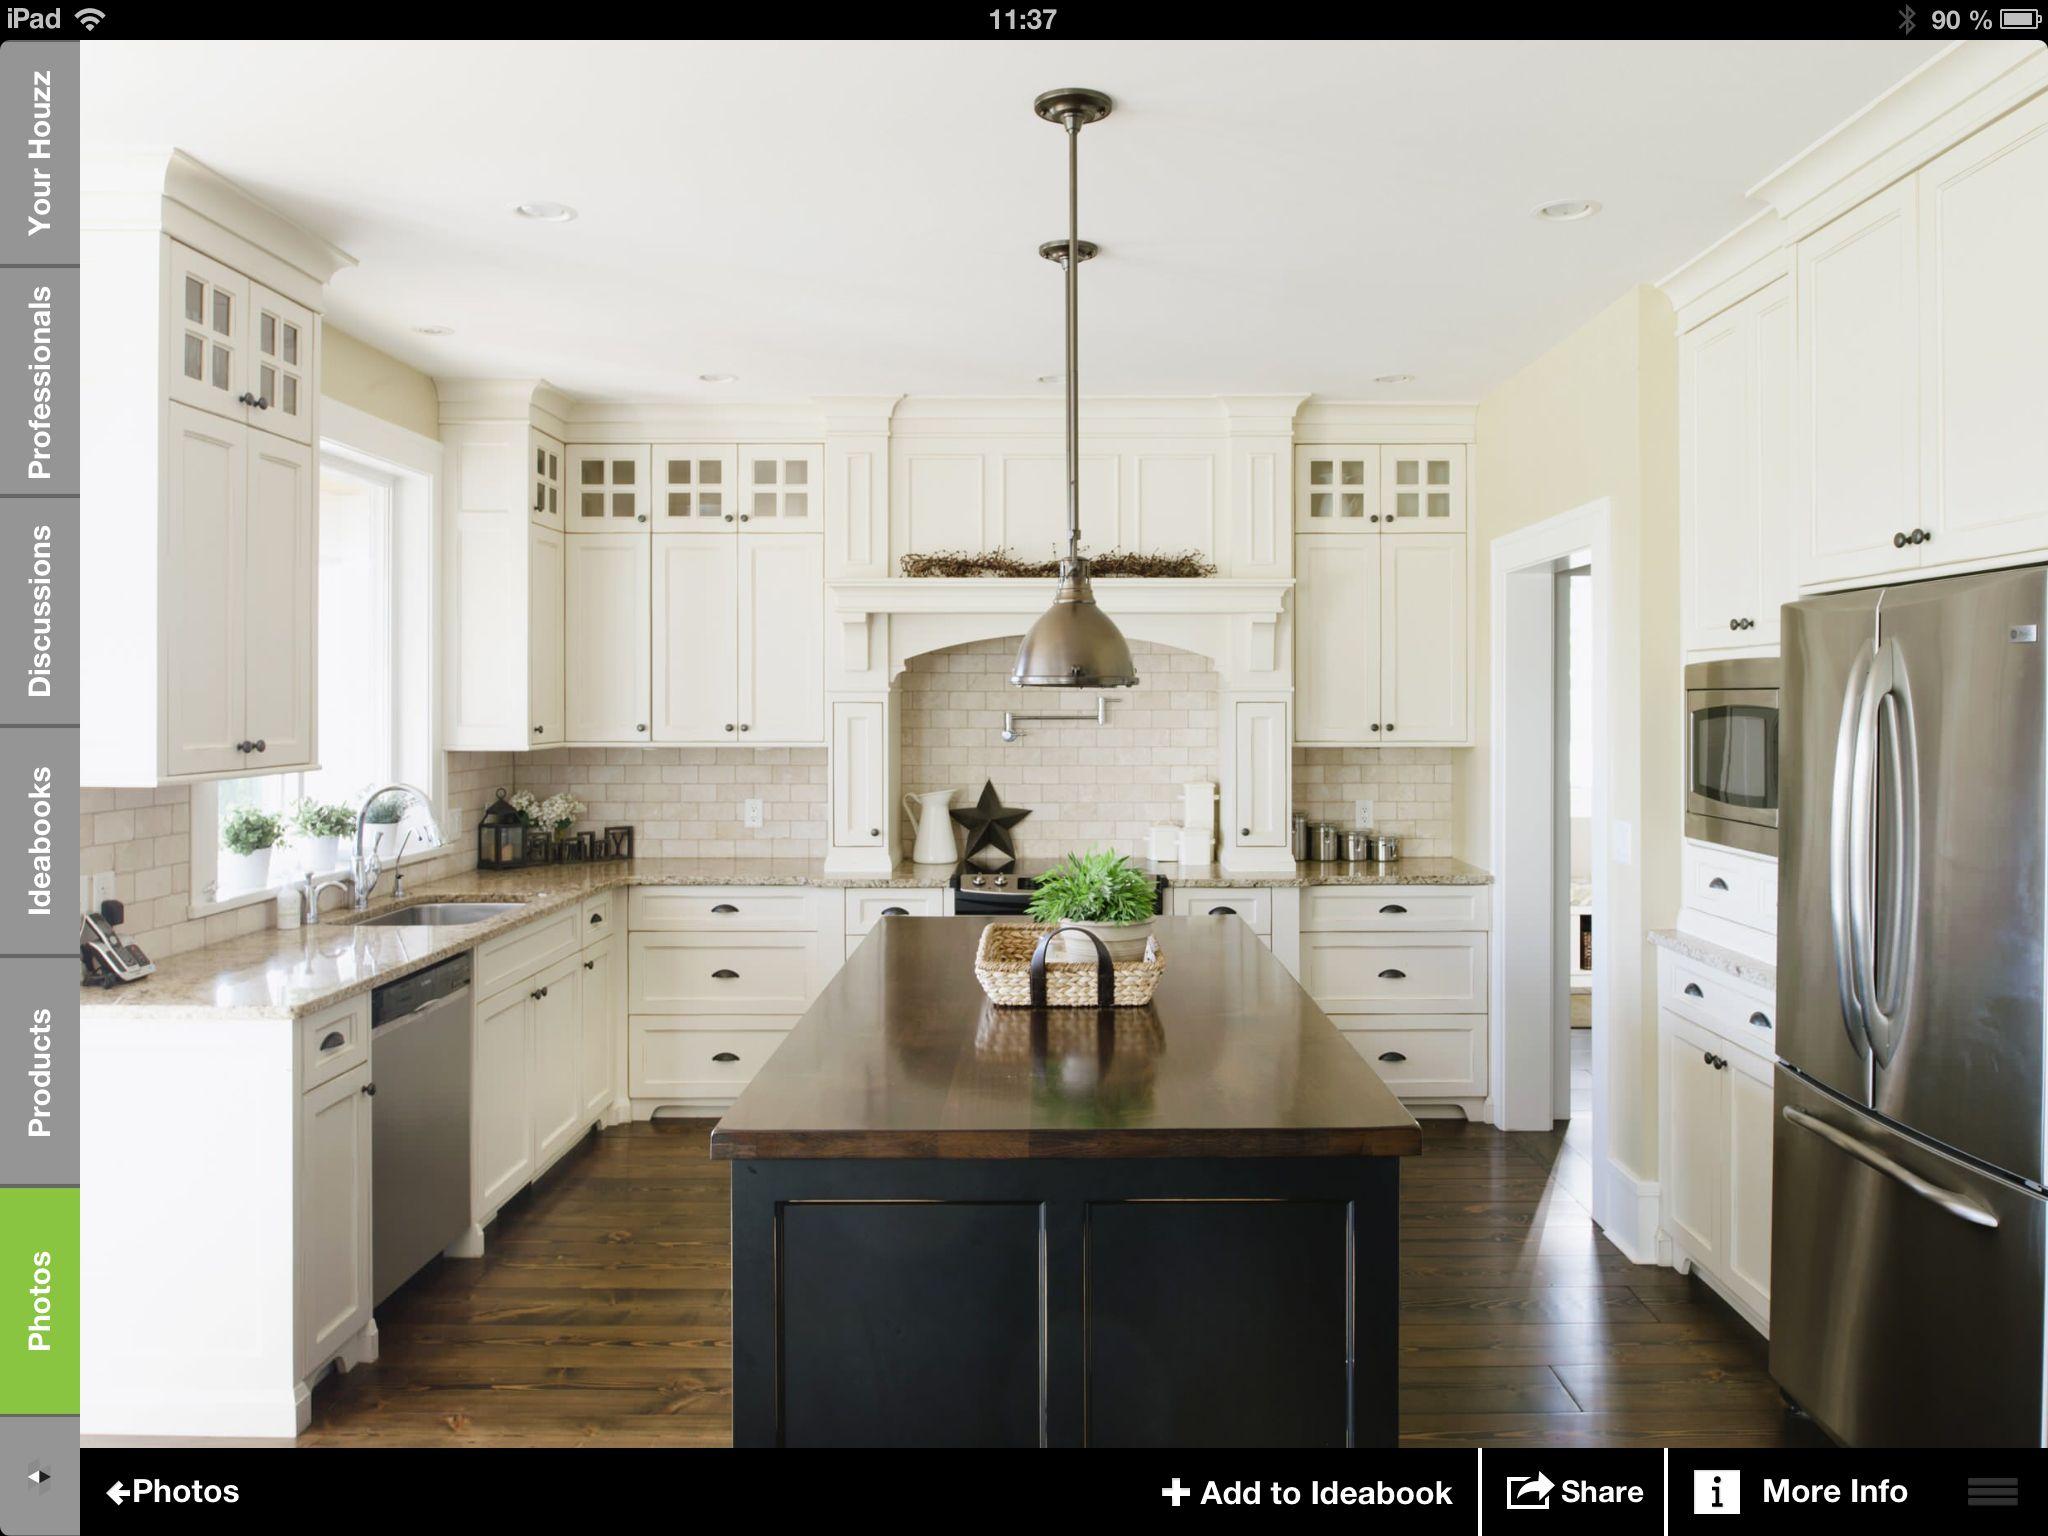 Cuisine deux couleurs | Pour ma maison!! | Pinterest | Main street